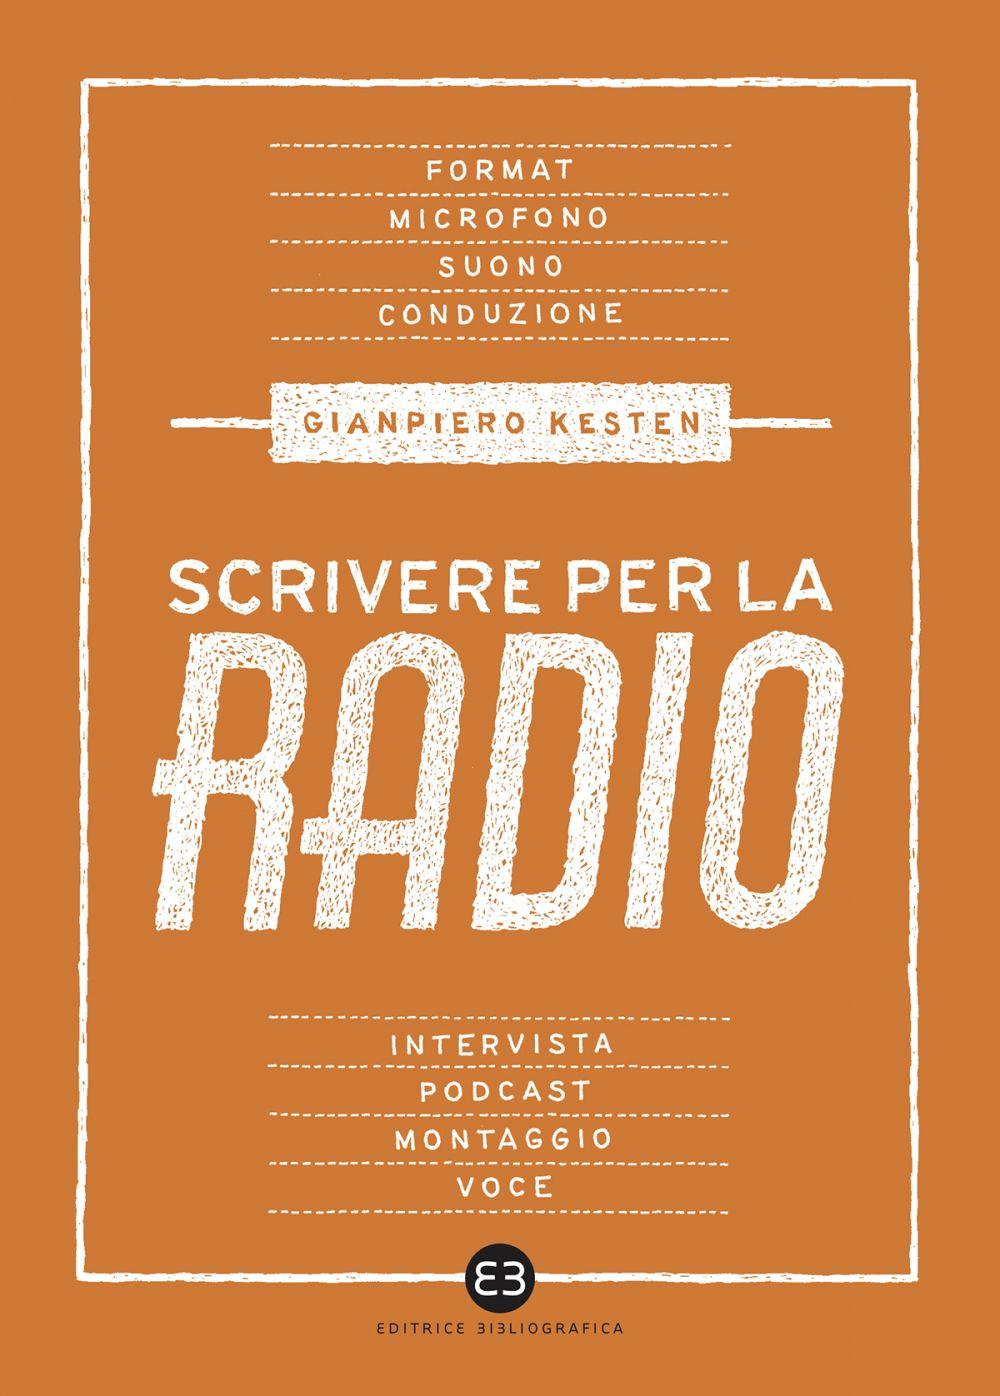 Scrivere per la radio